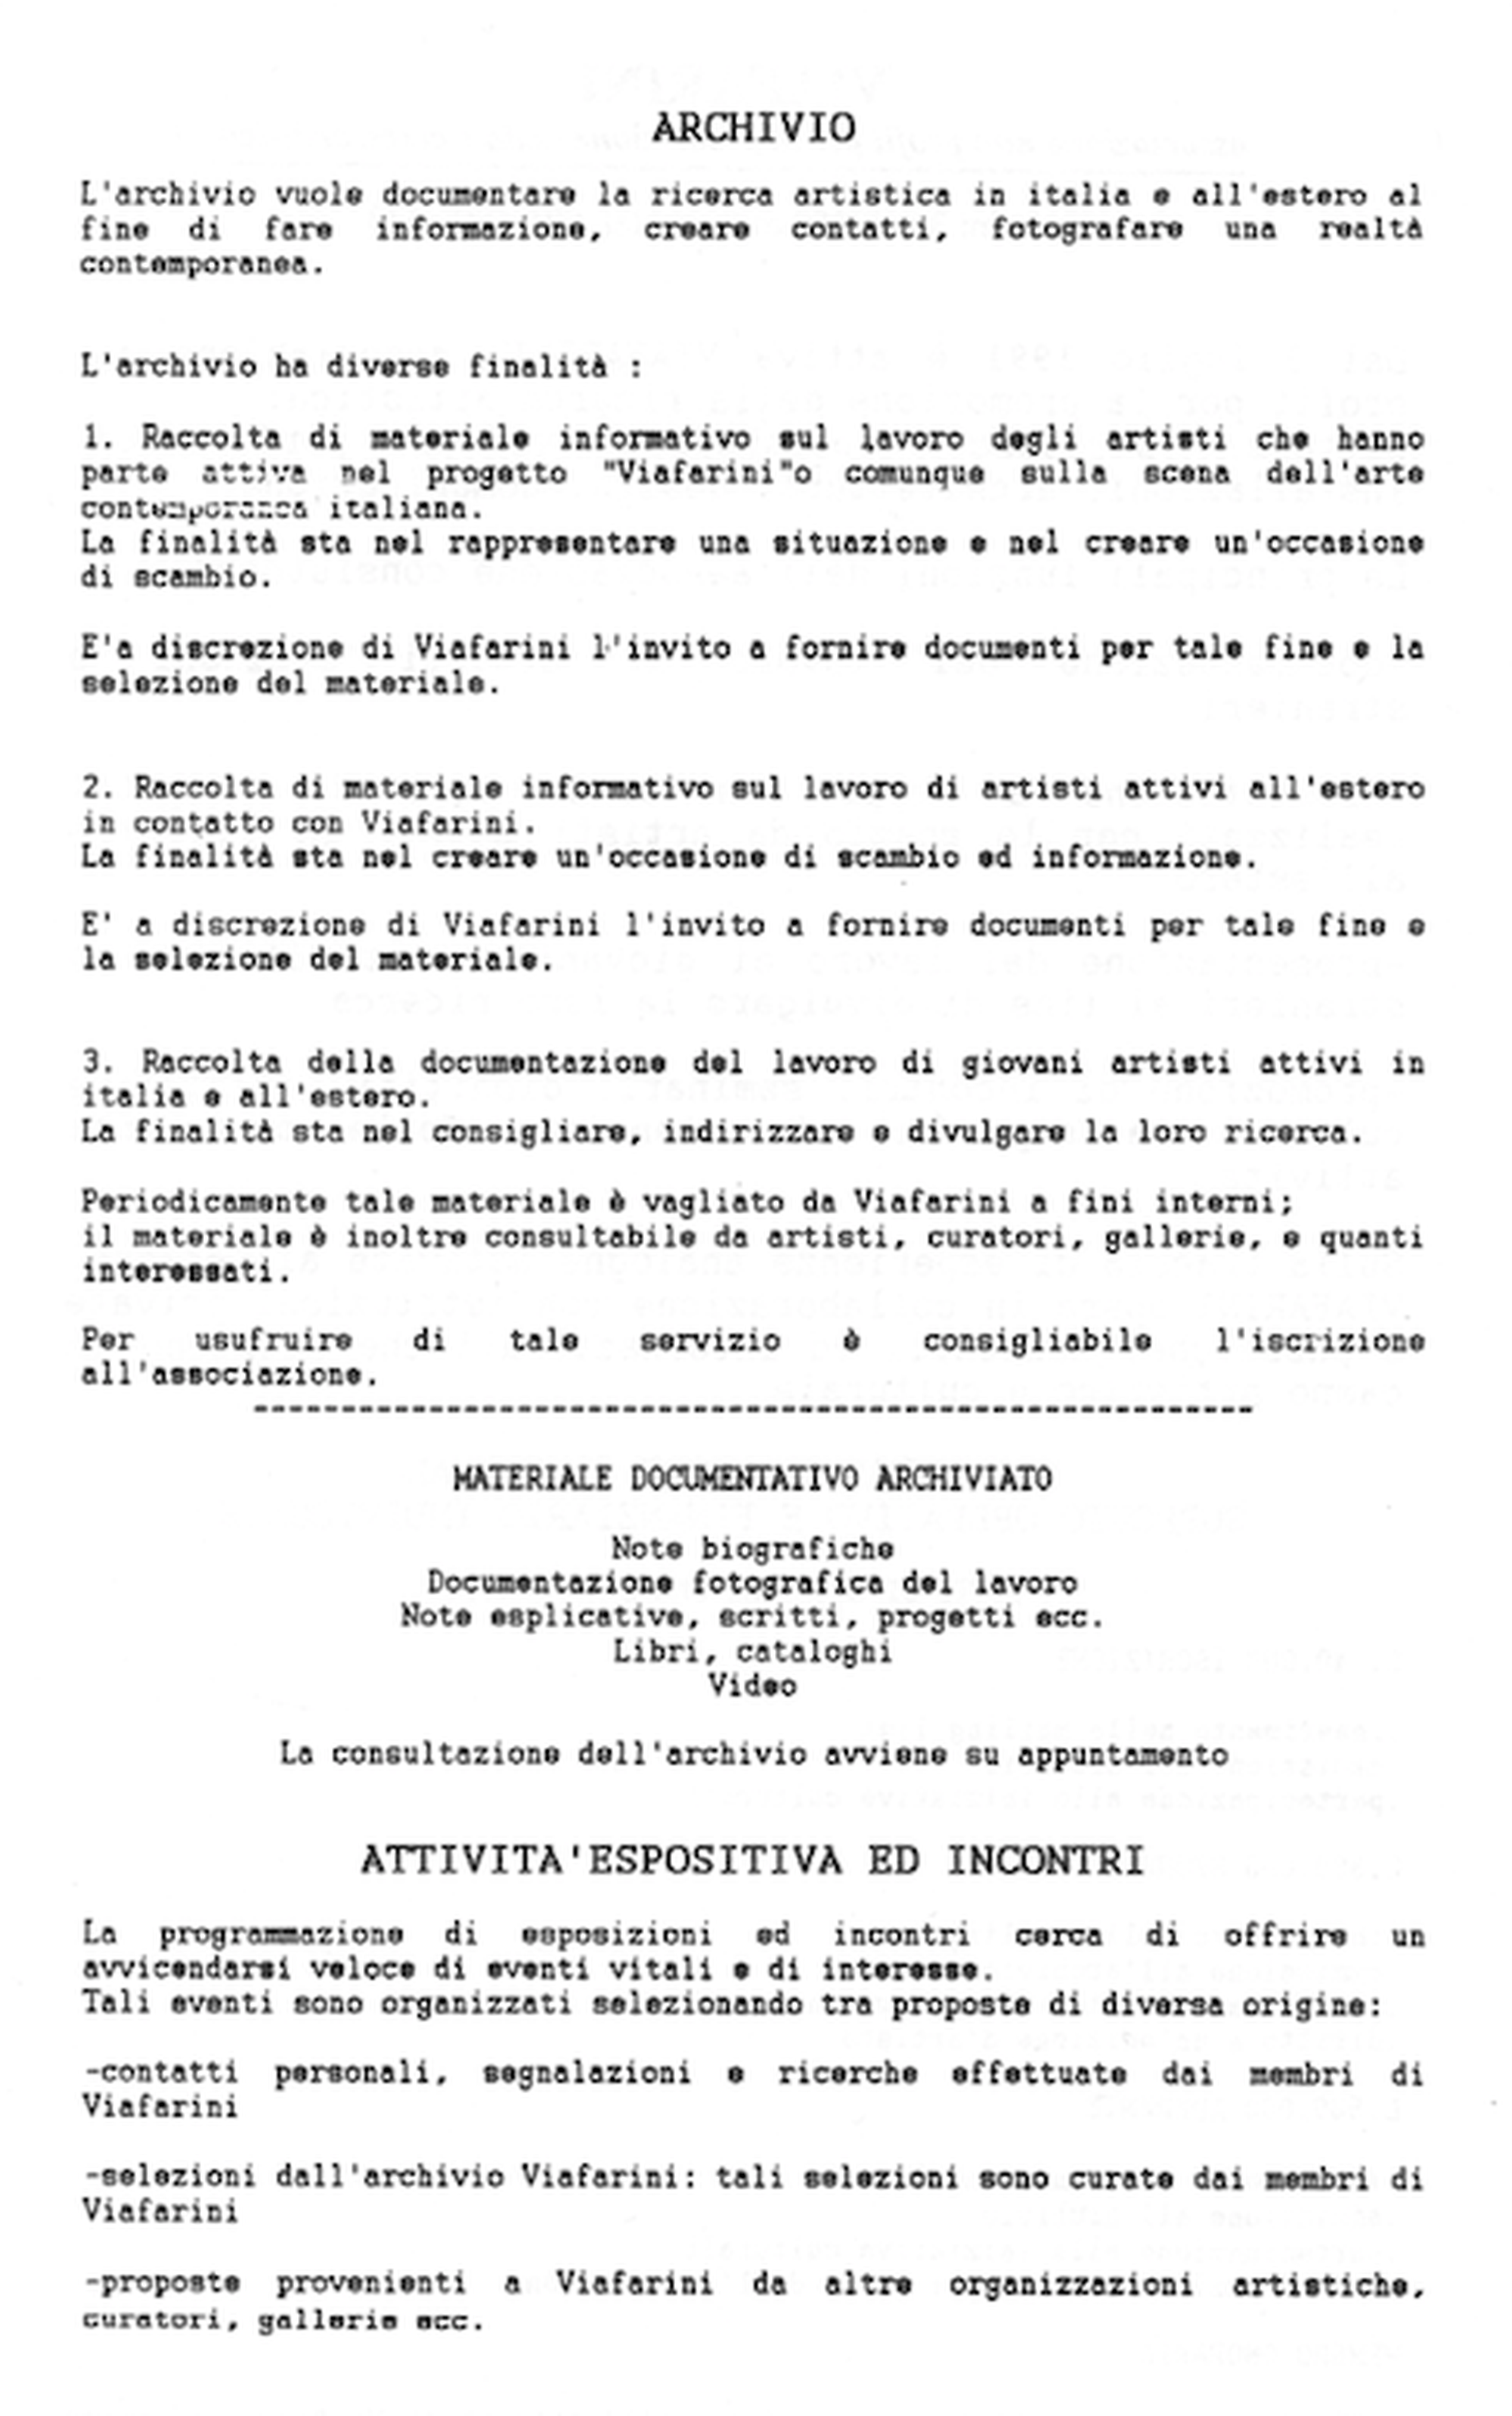 La storia dell'Archivio - 1, Mission dell'Archivio.